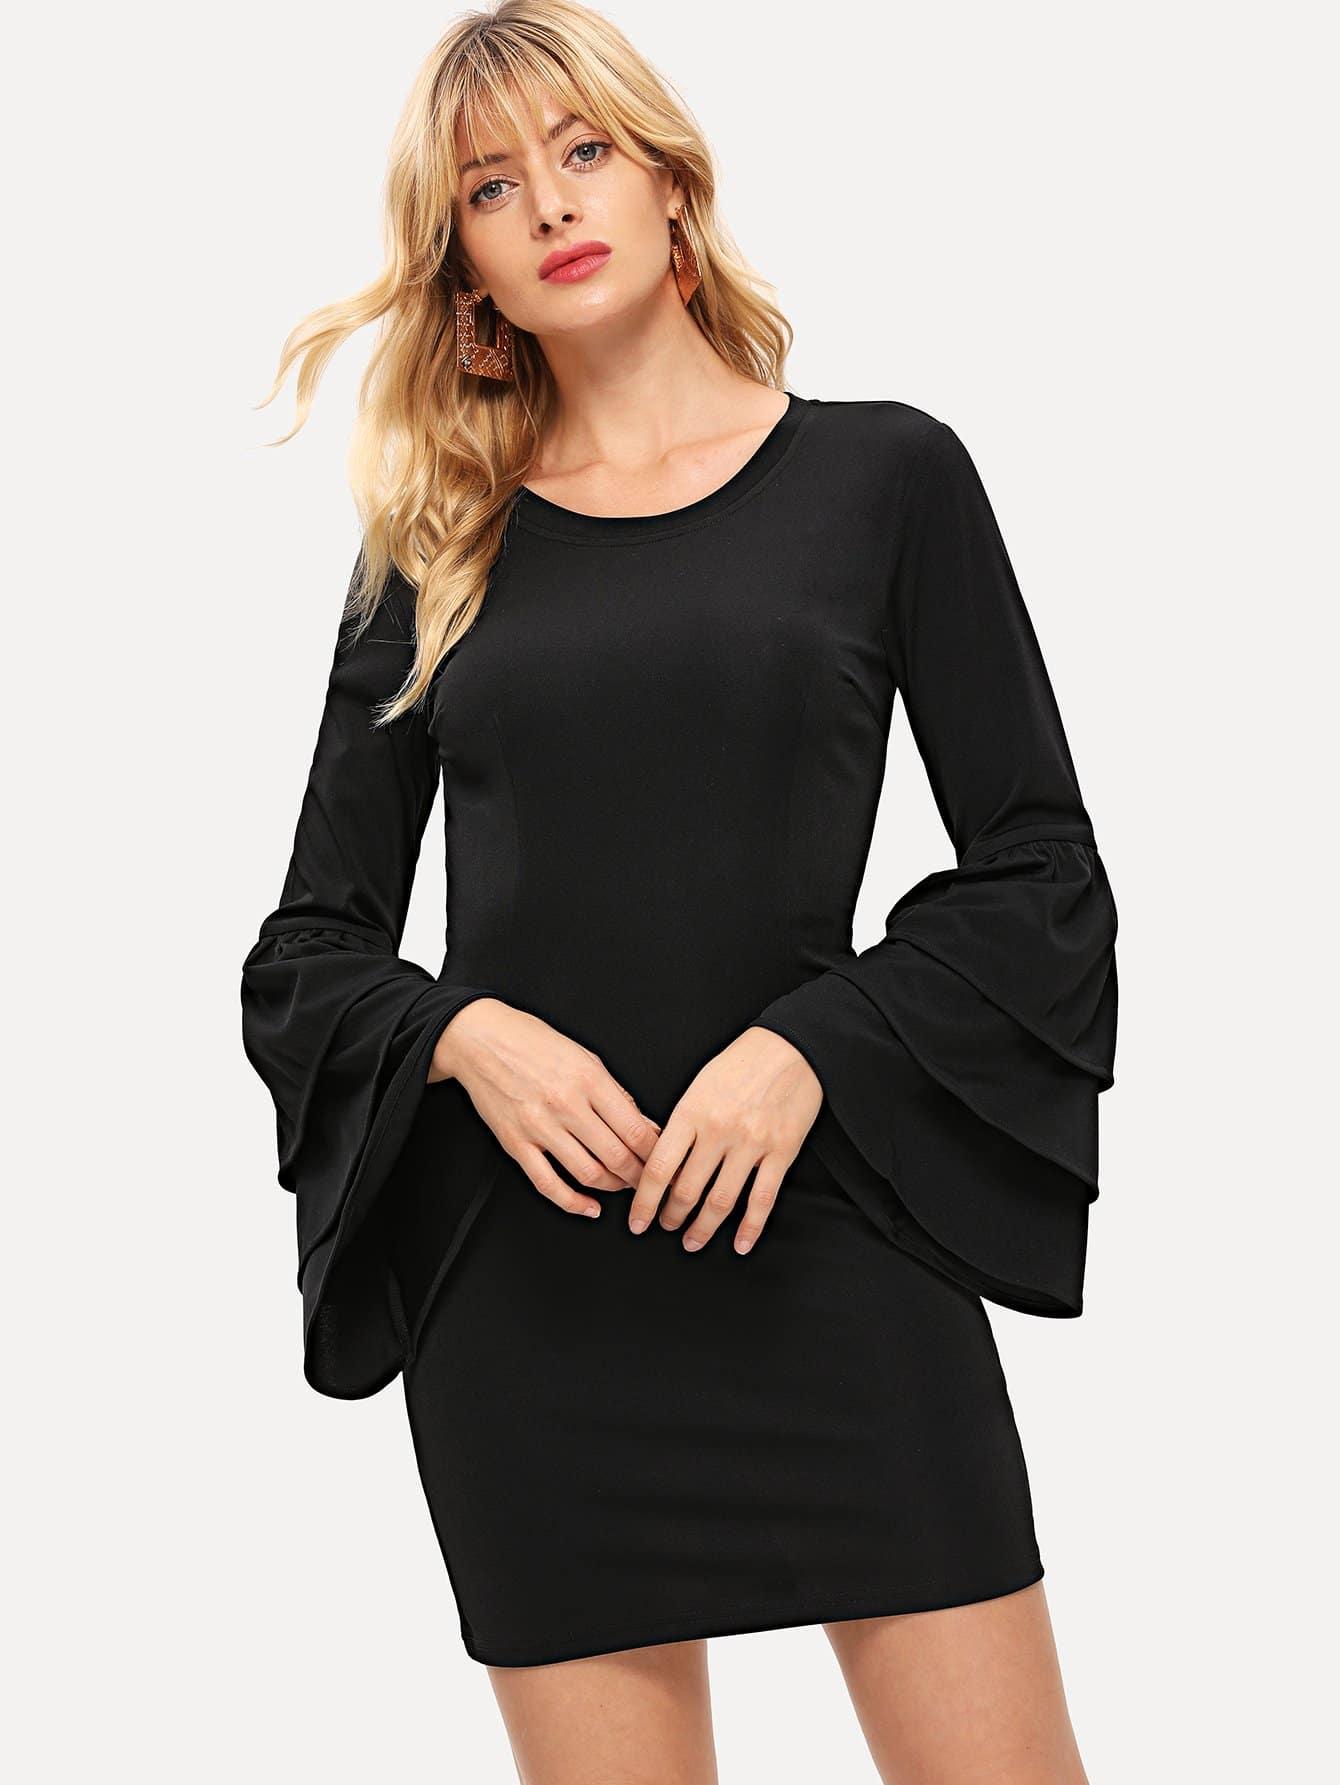 Фото - Облегающее платье с оборками рукавами от SheIn цвет чёрные